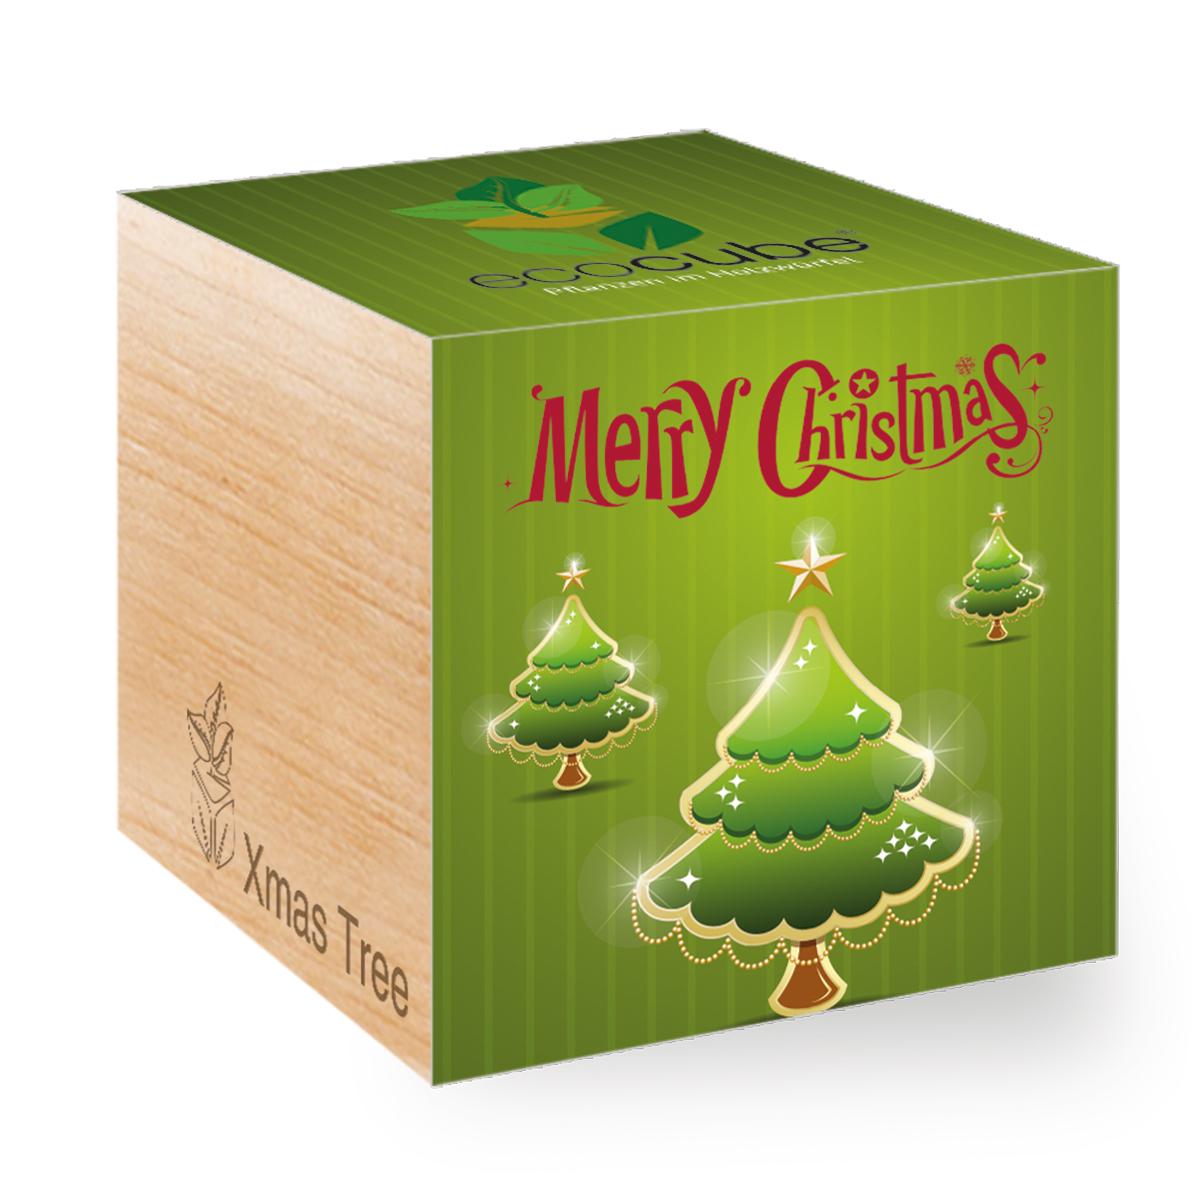 weihnachtsbaum mit merry christmas b ume motiv im. Black Bedroom Furniture Sets. Home Design Ideas